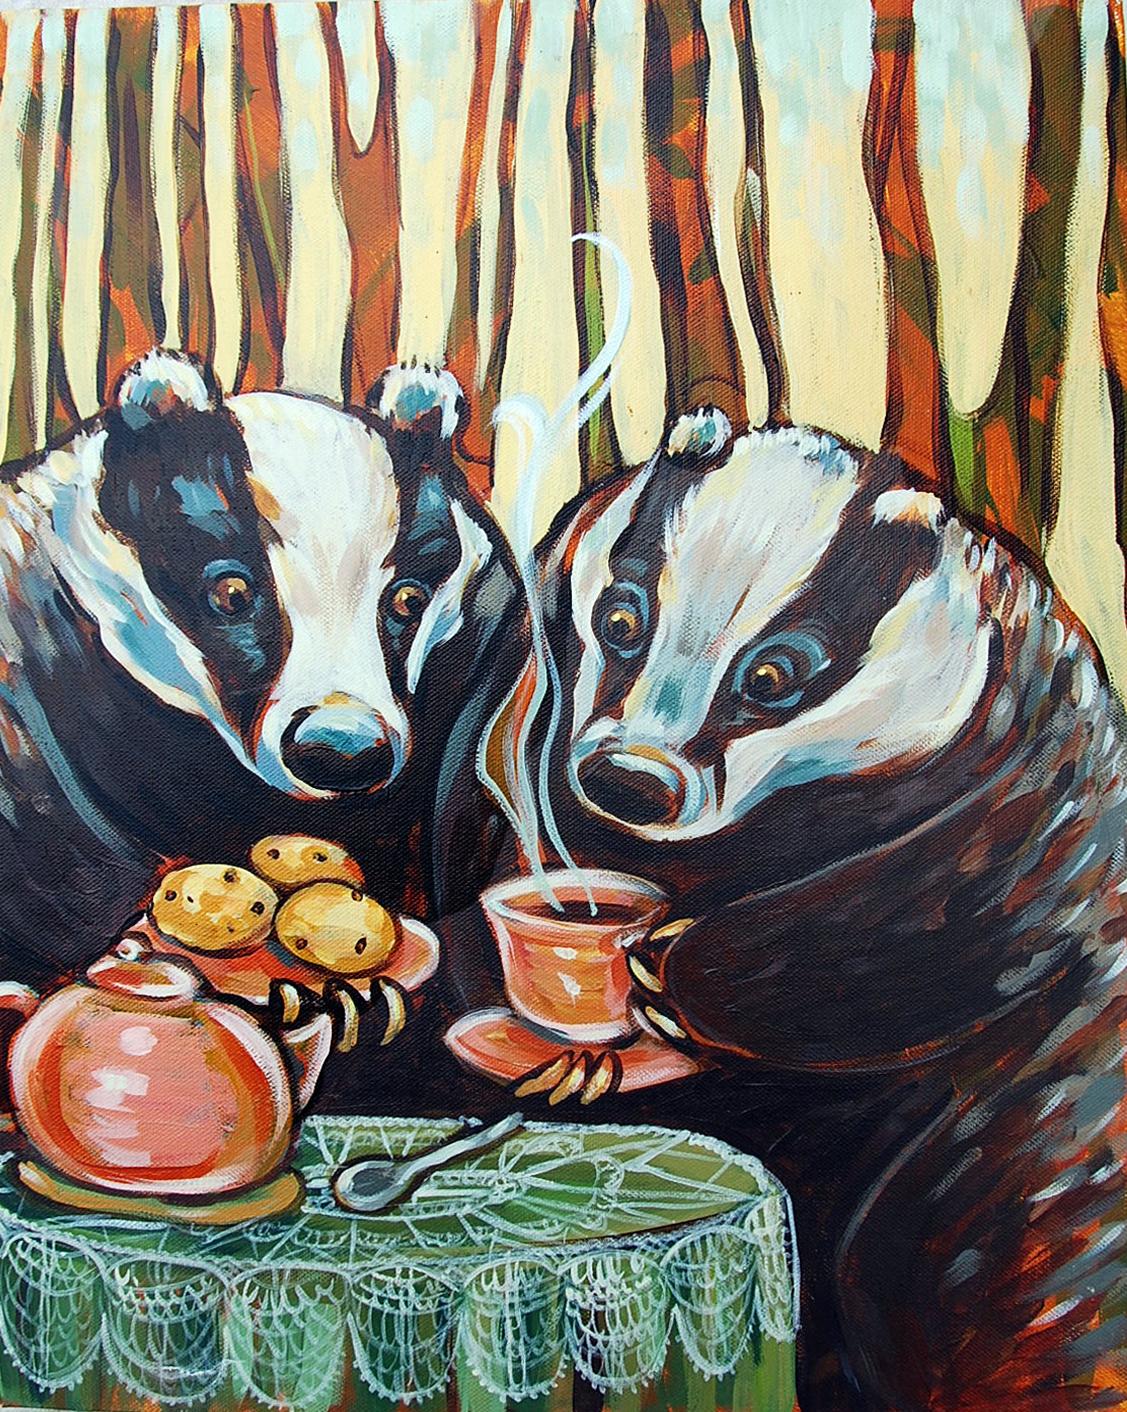 Badger Badger 2011. Sold